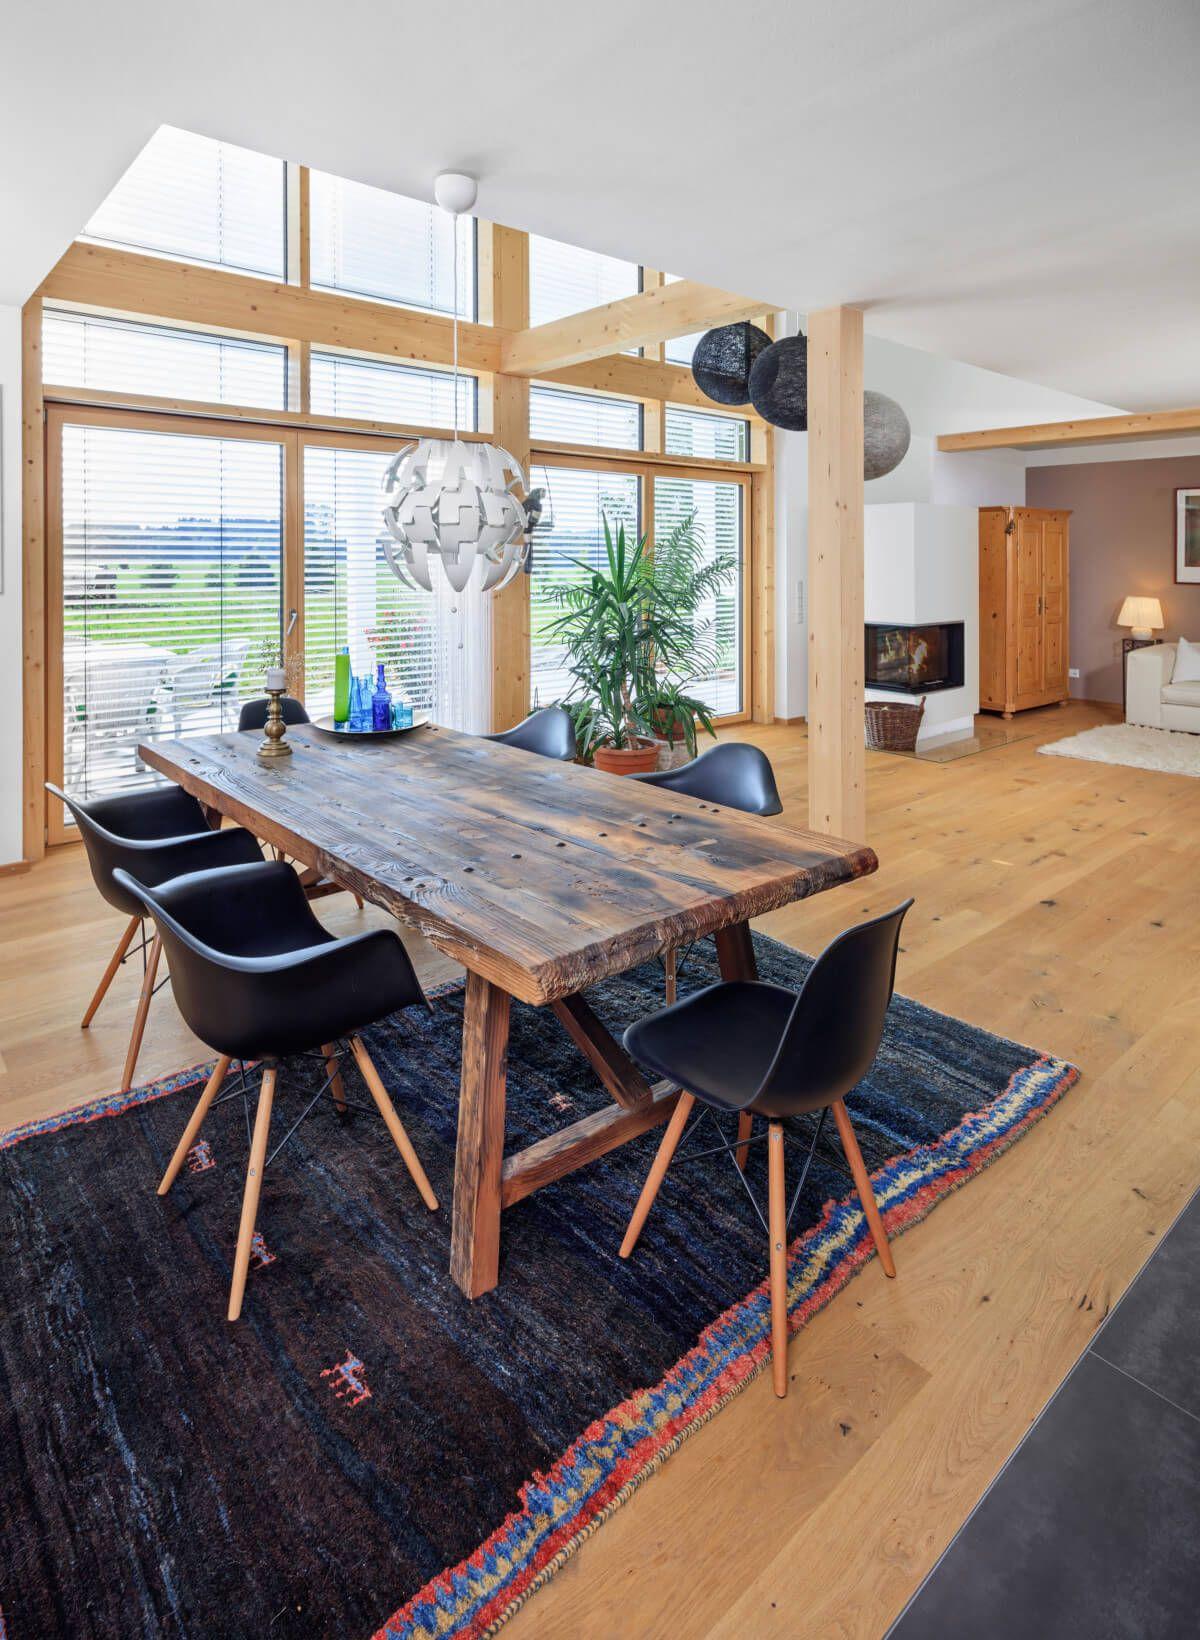 Wunderbar Holz Anbau Haus Beste Wahl Esszimmer Mit Galerie & Esstisch - Inneneinrichtung